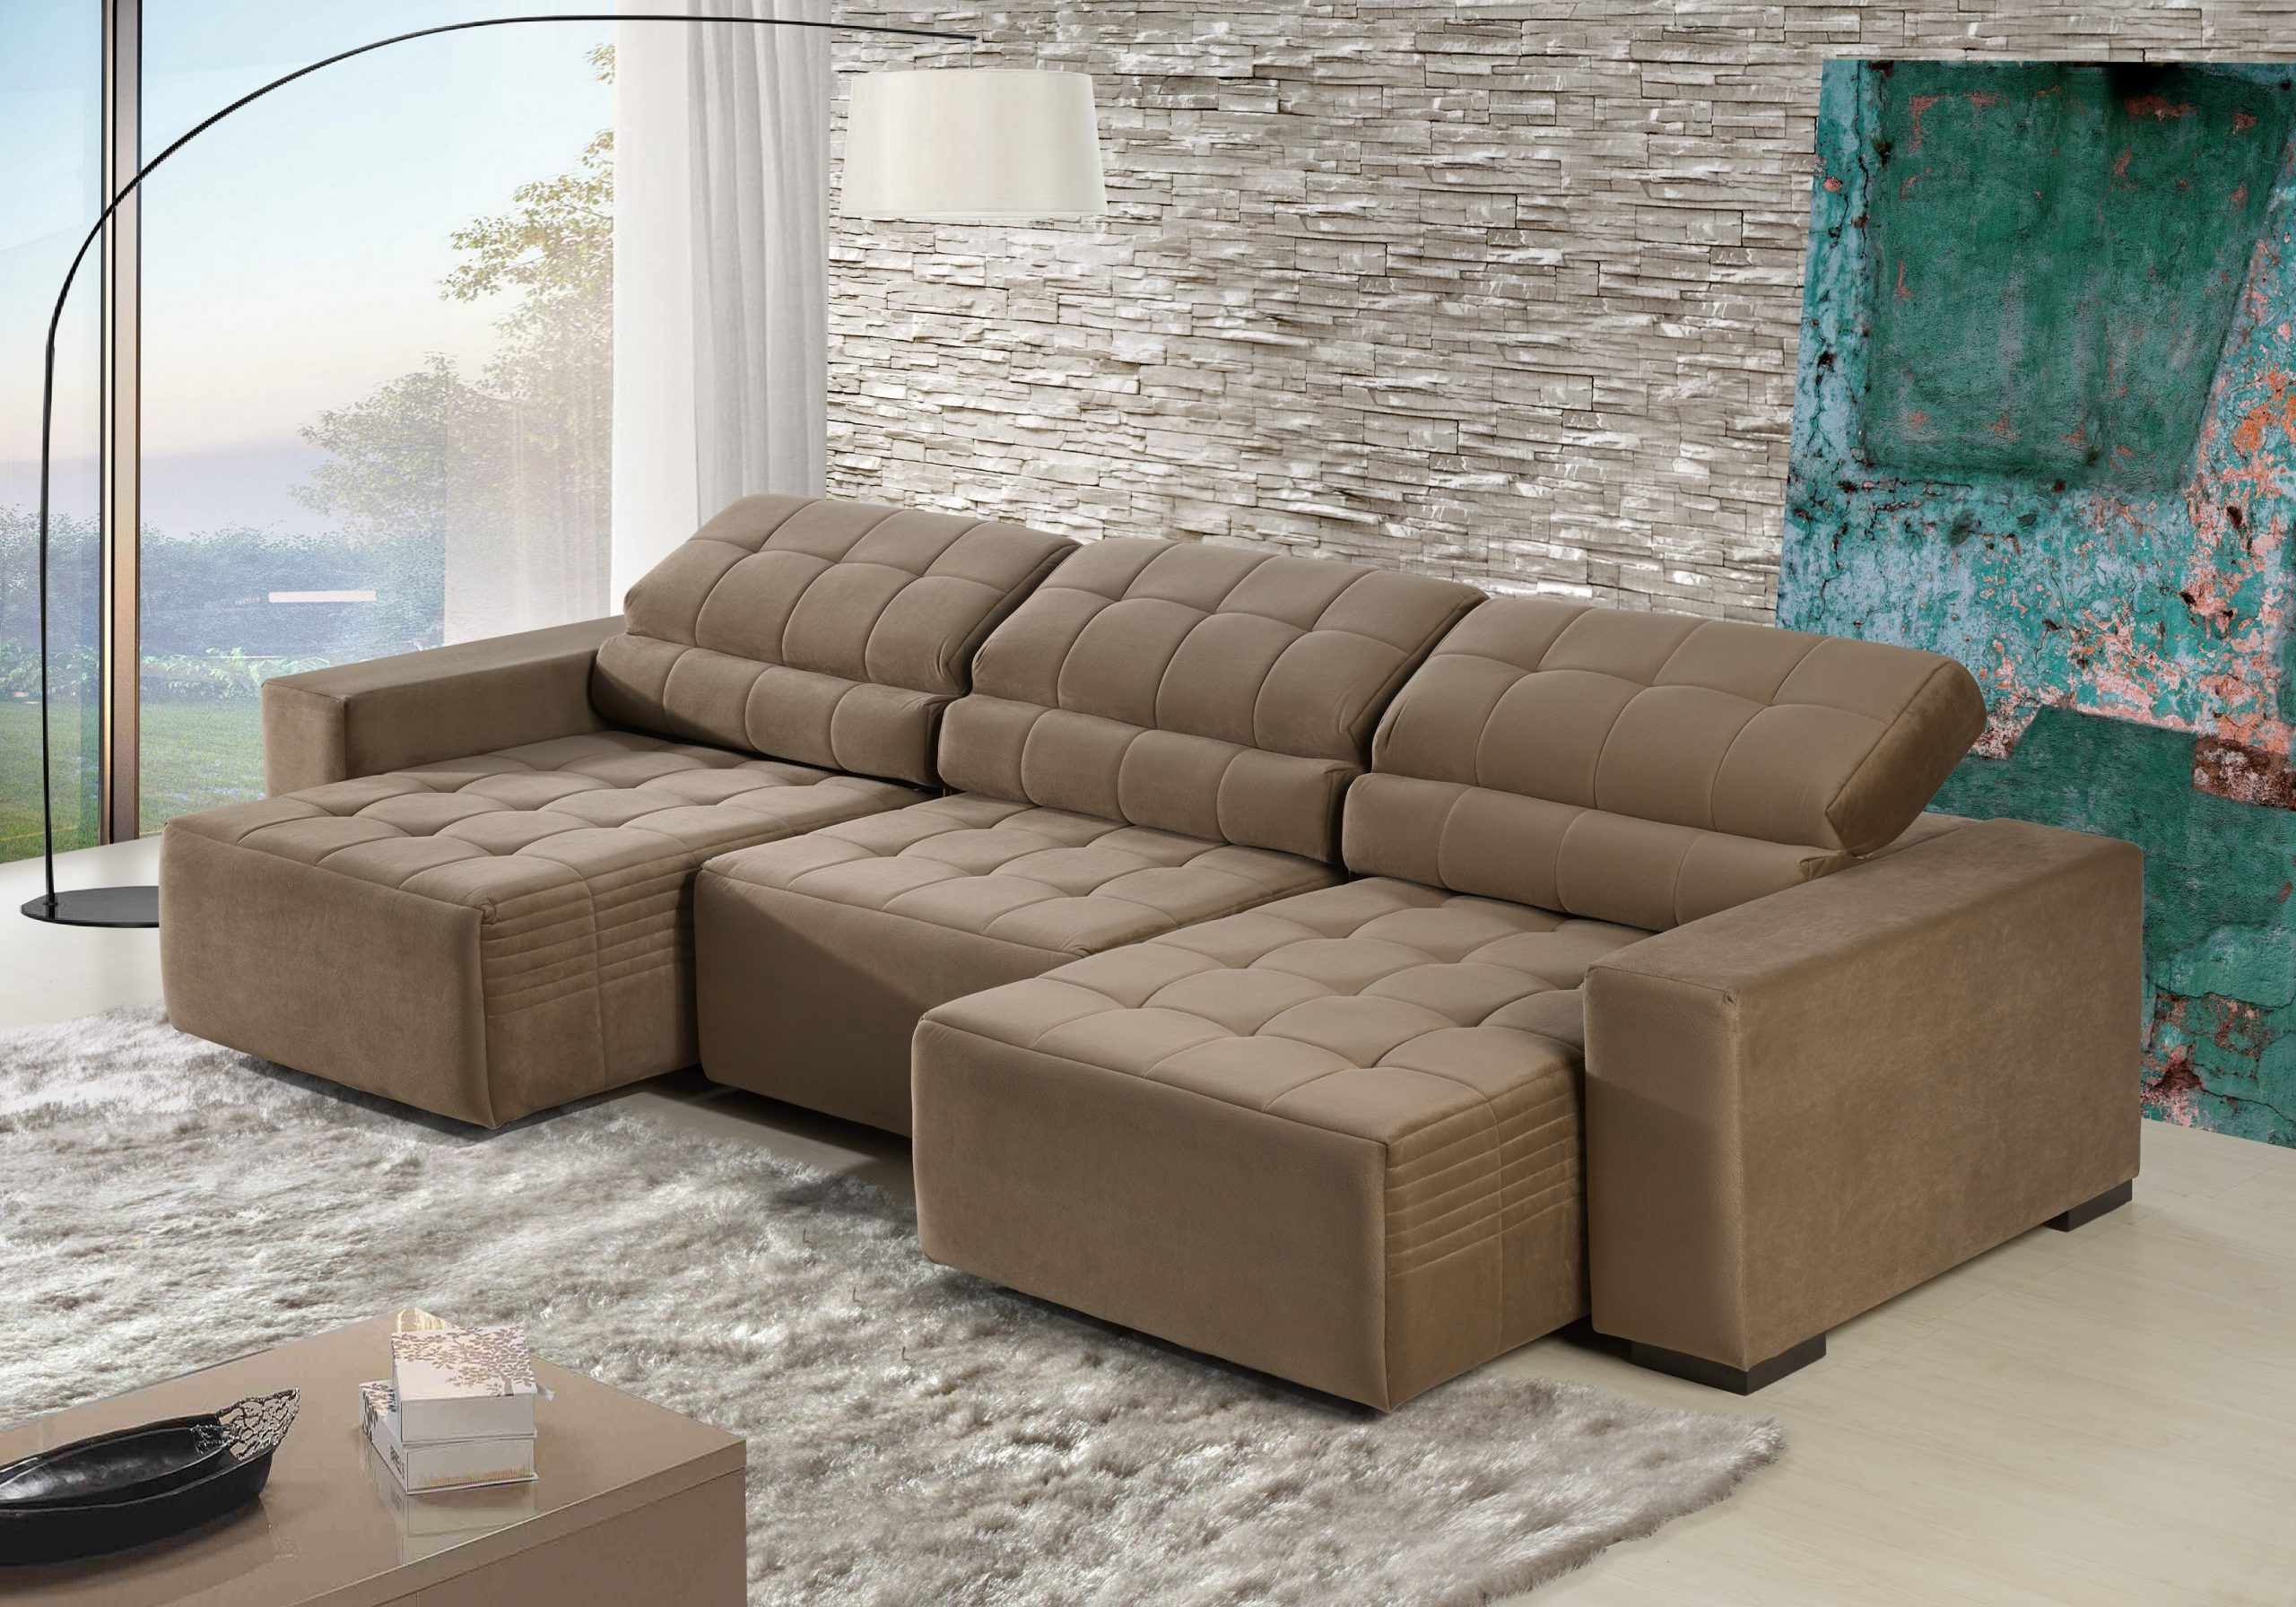 Dicas para acertar no sofá. A 4 é essencial.